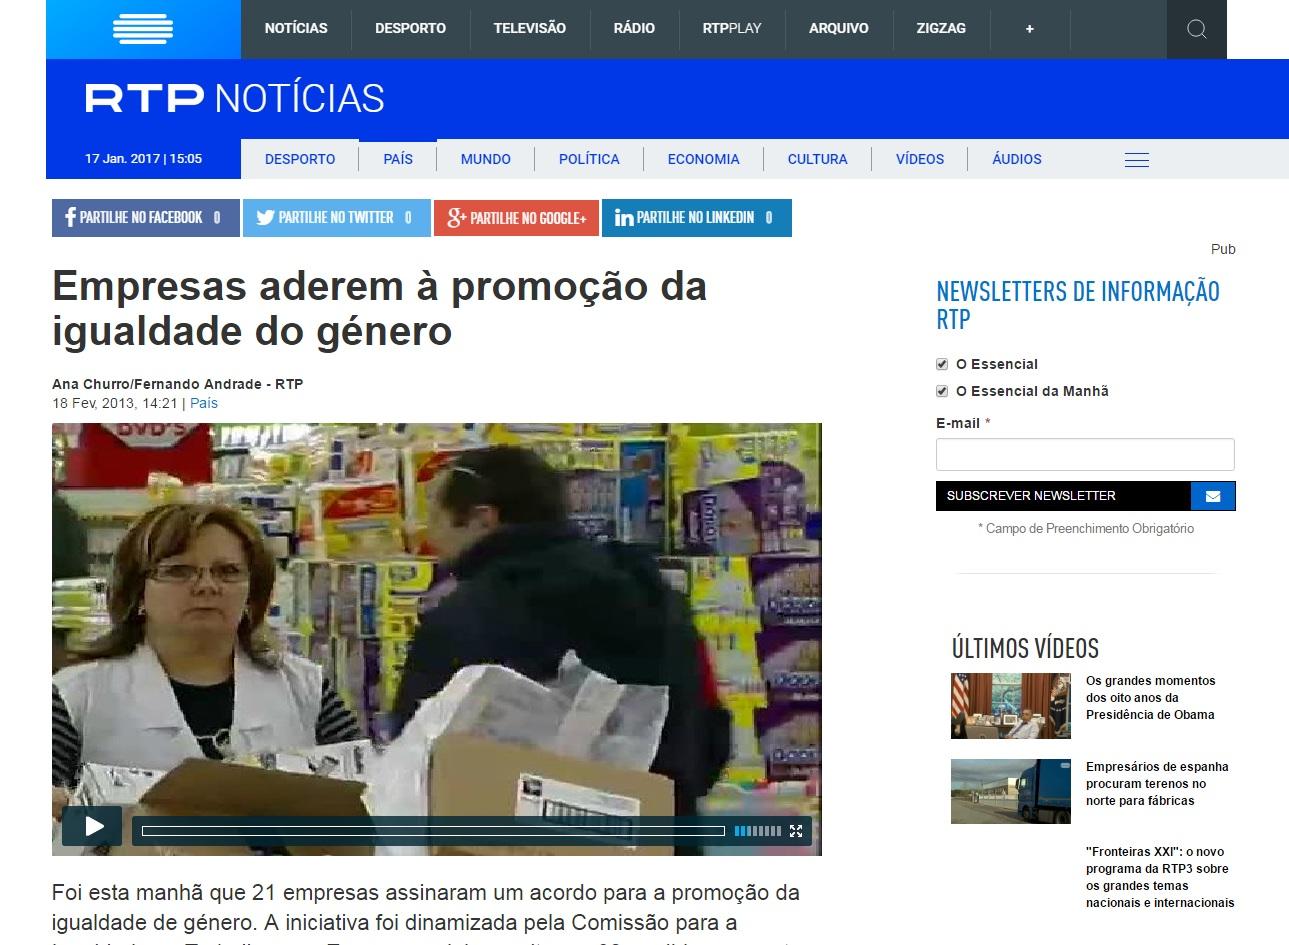 Imagem - RTP Notícias - Empresas aderem à promoção da igualdade de género